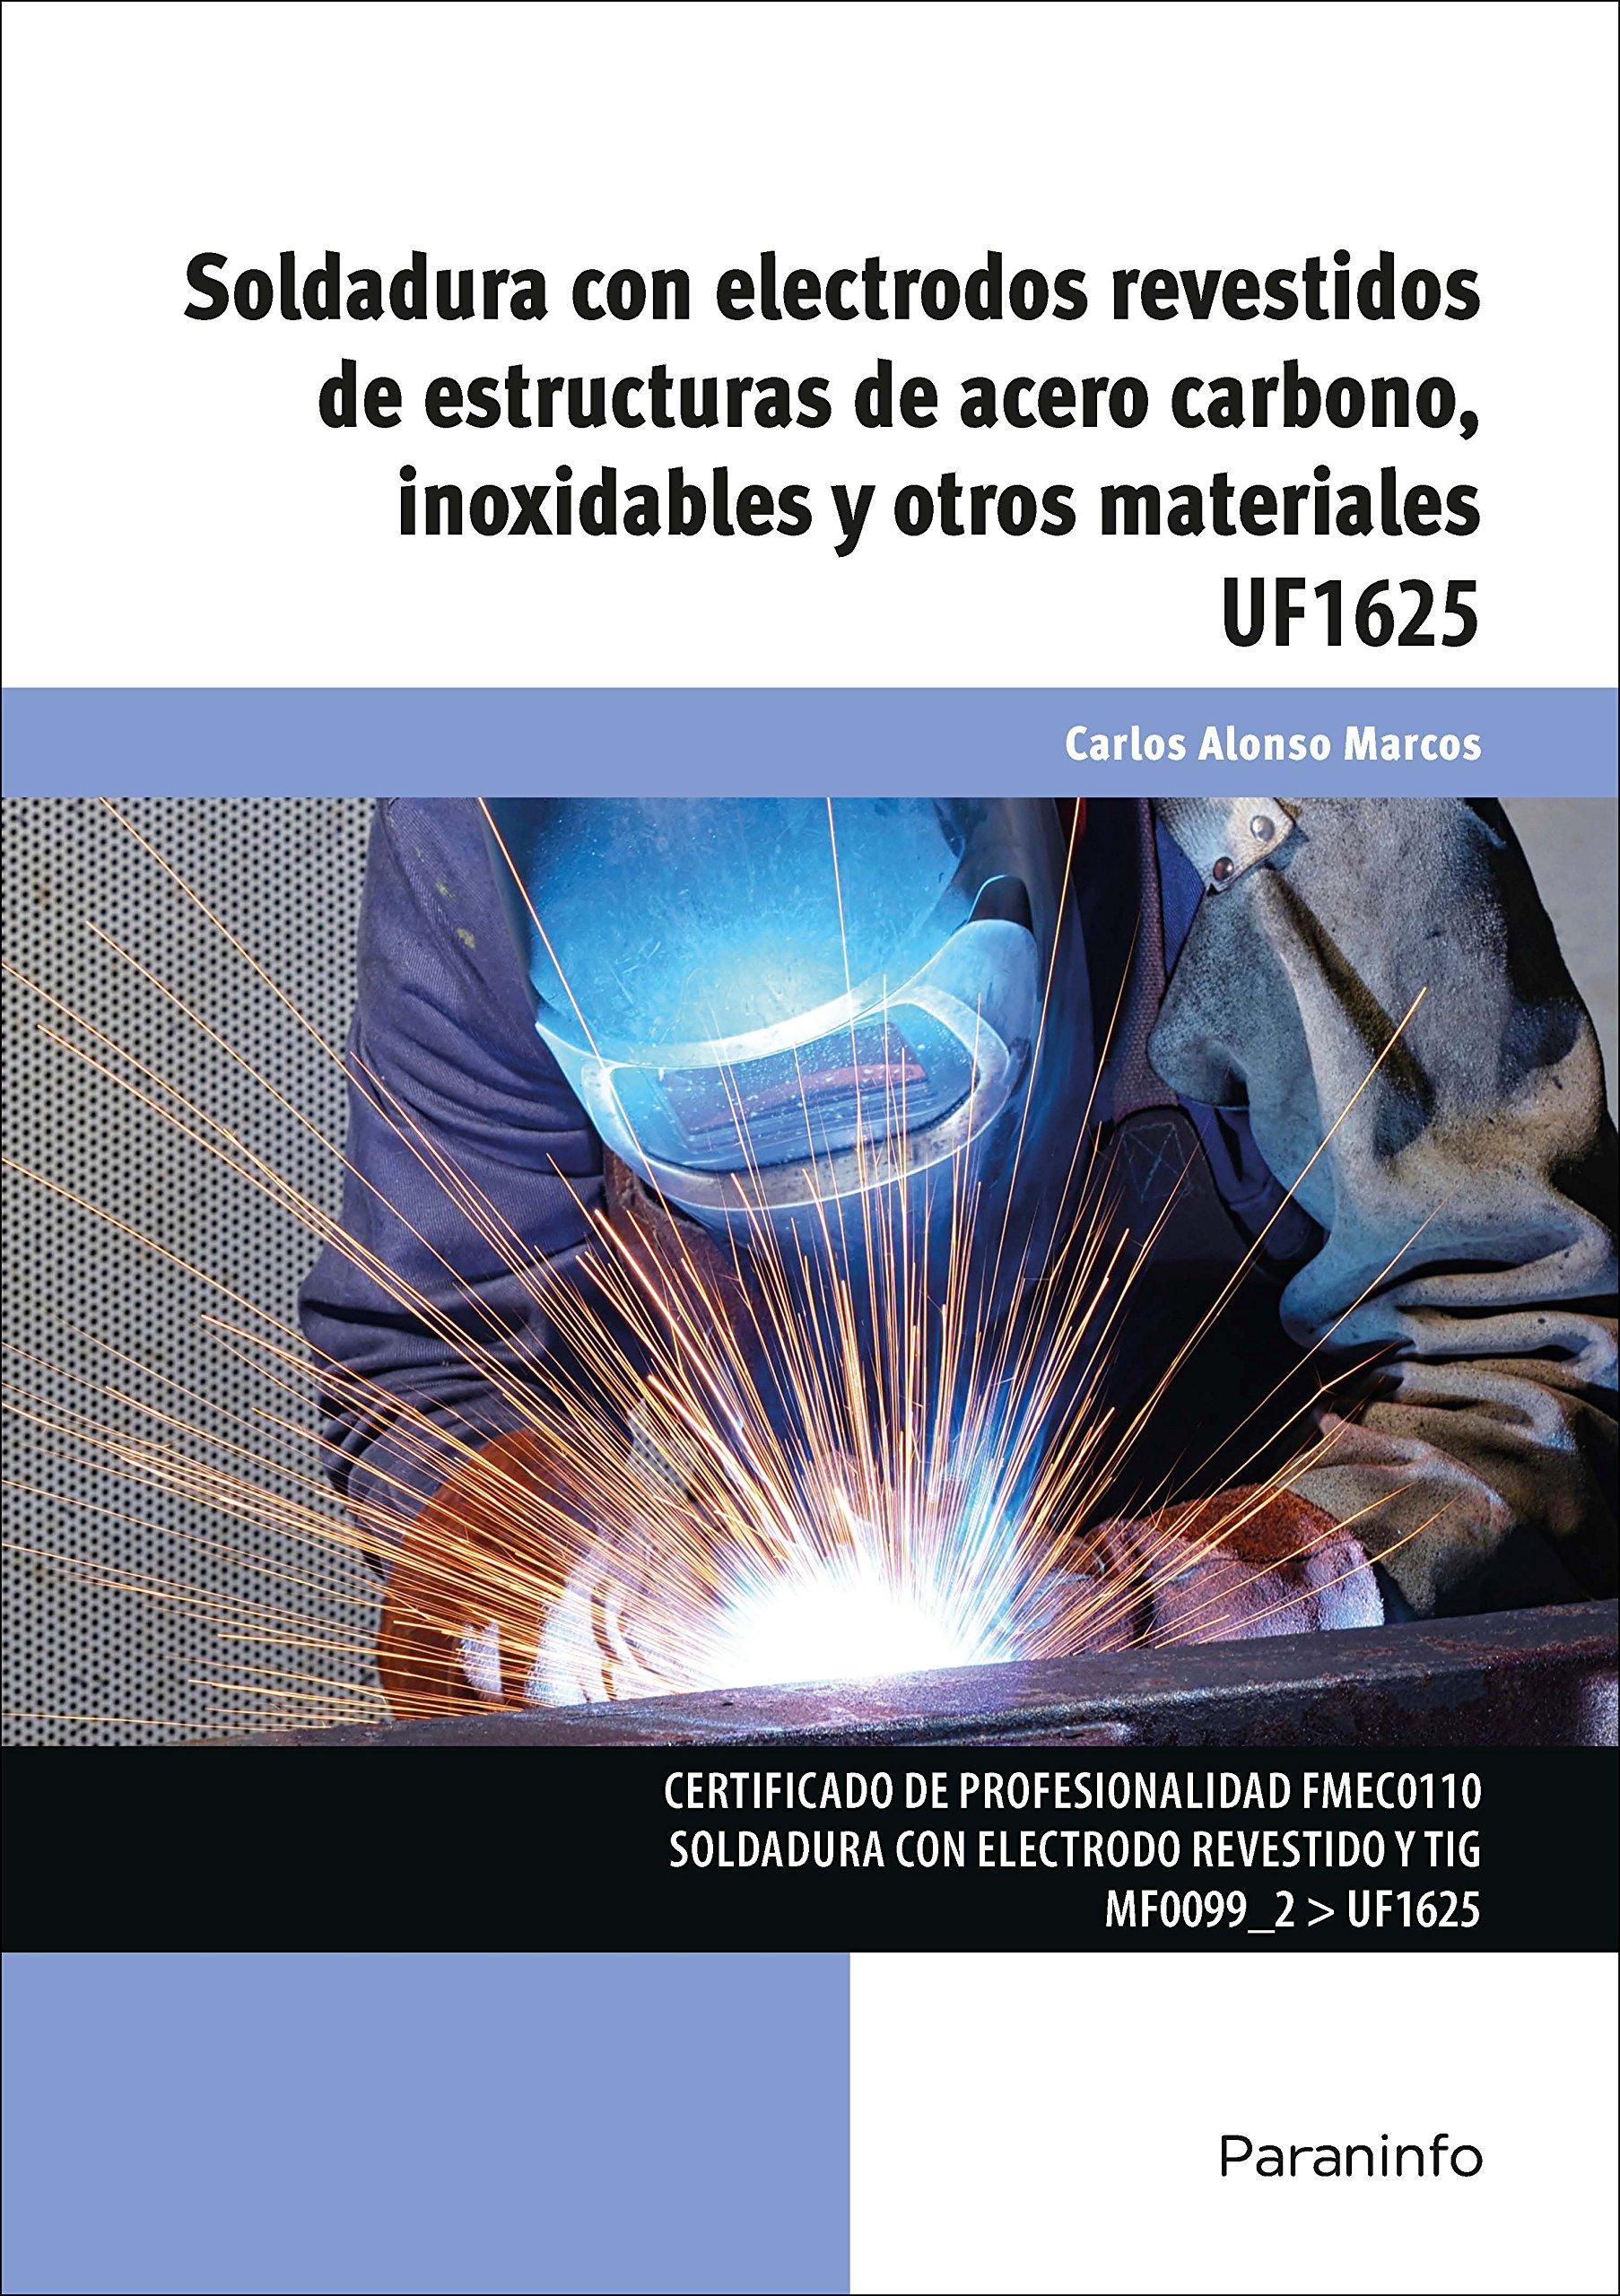 Soldadura con electrodos revestidos de estructuras de acero carbono, inoxidables y otros materiales: CARLOS ALONSO MARCOS: 9788428398510: Amazon.com: Books